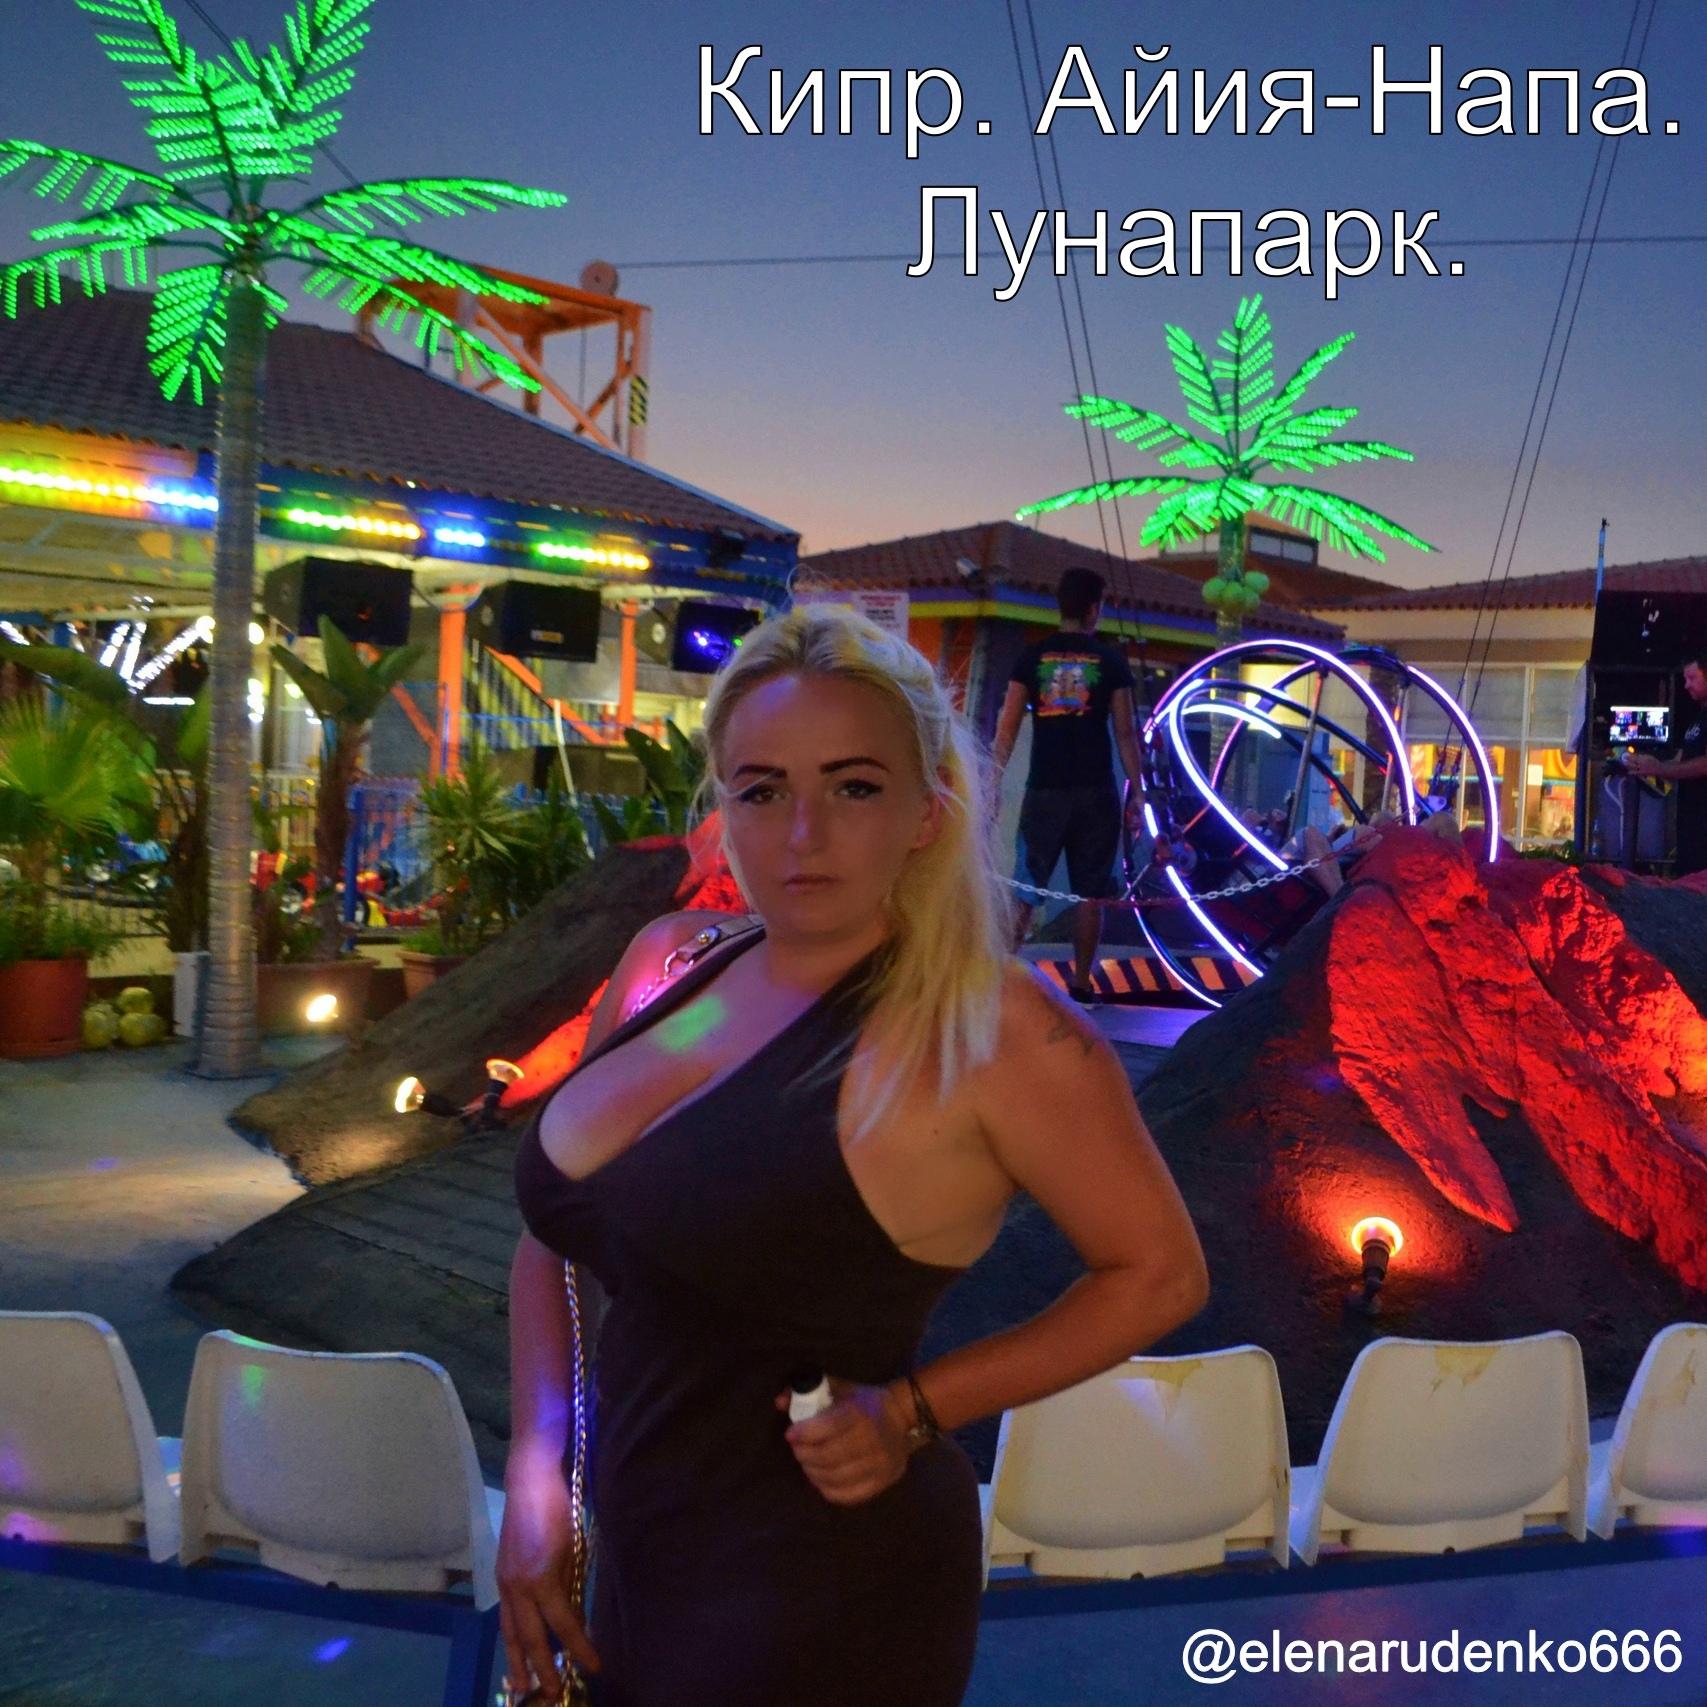 путешествие - Интересные места в которых я побывала (Елена Руденко). YBJF4kFE0vo